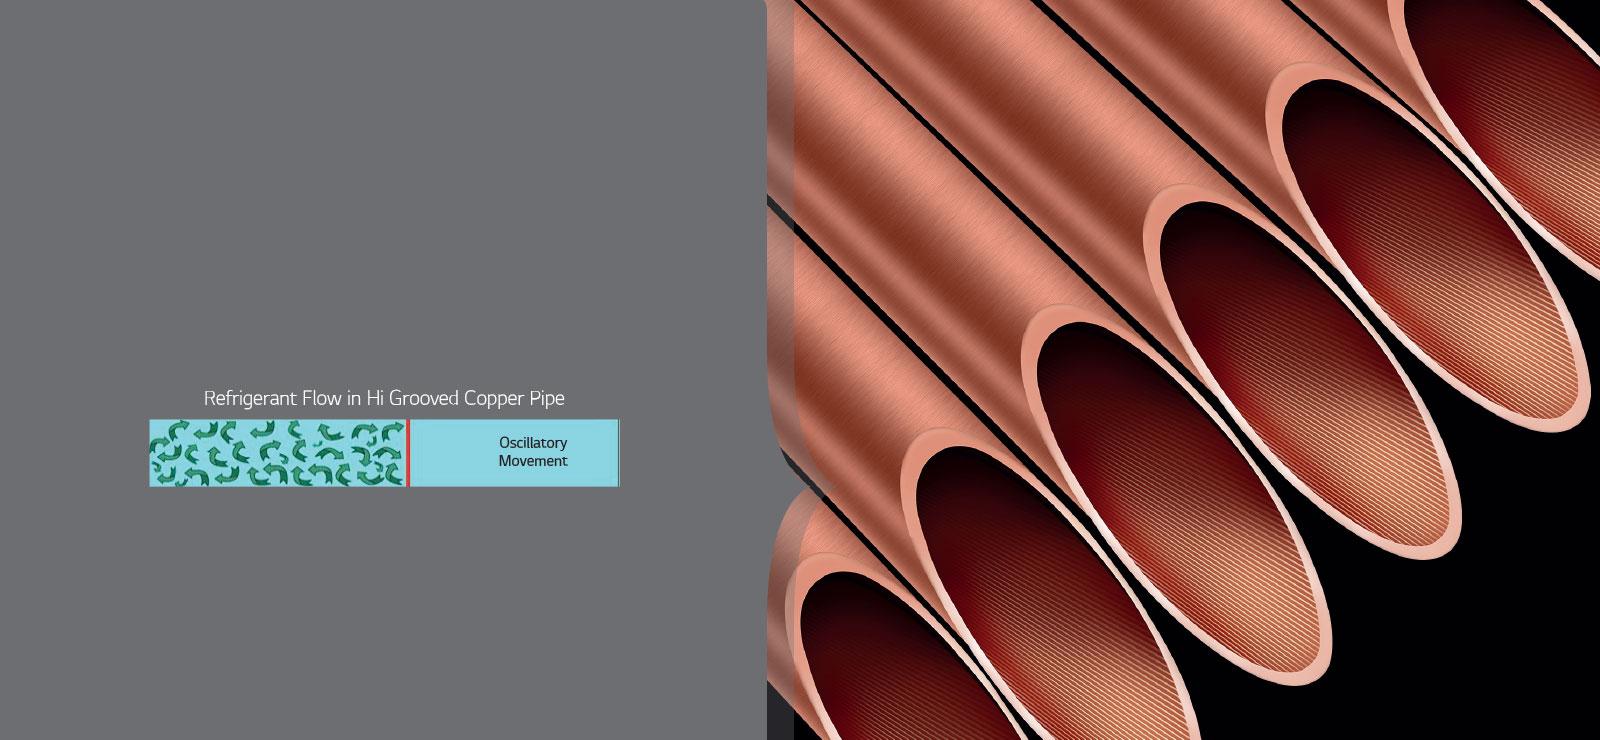 LG LS-Q18SWYA hi-grooved copper